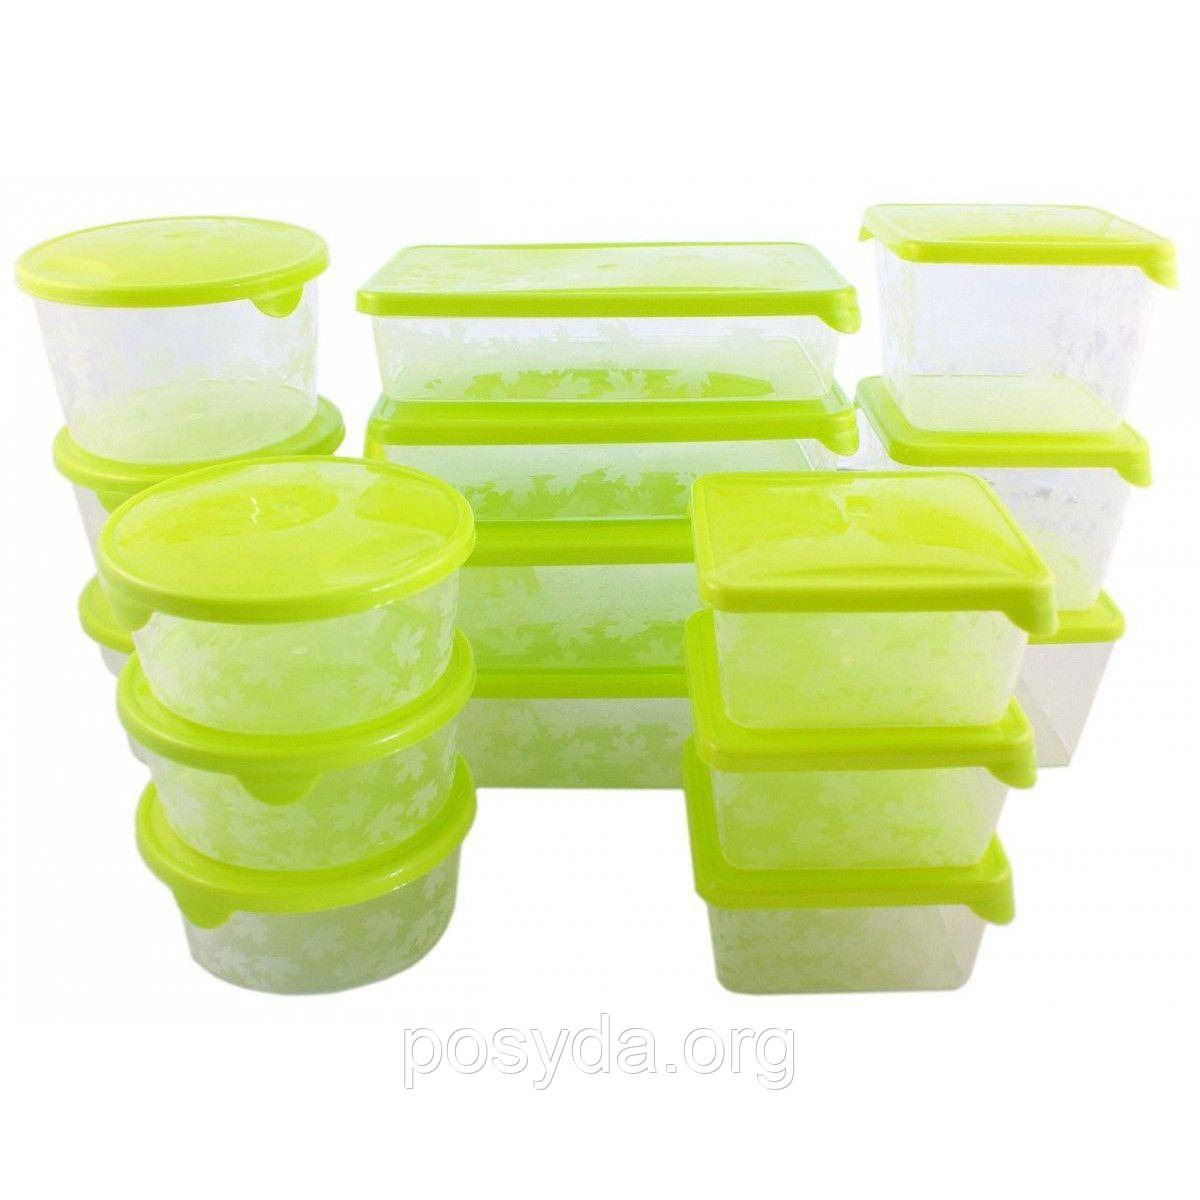 Набор емкостей для хранения и заморозки BranQ PK-1149   17 шт